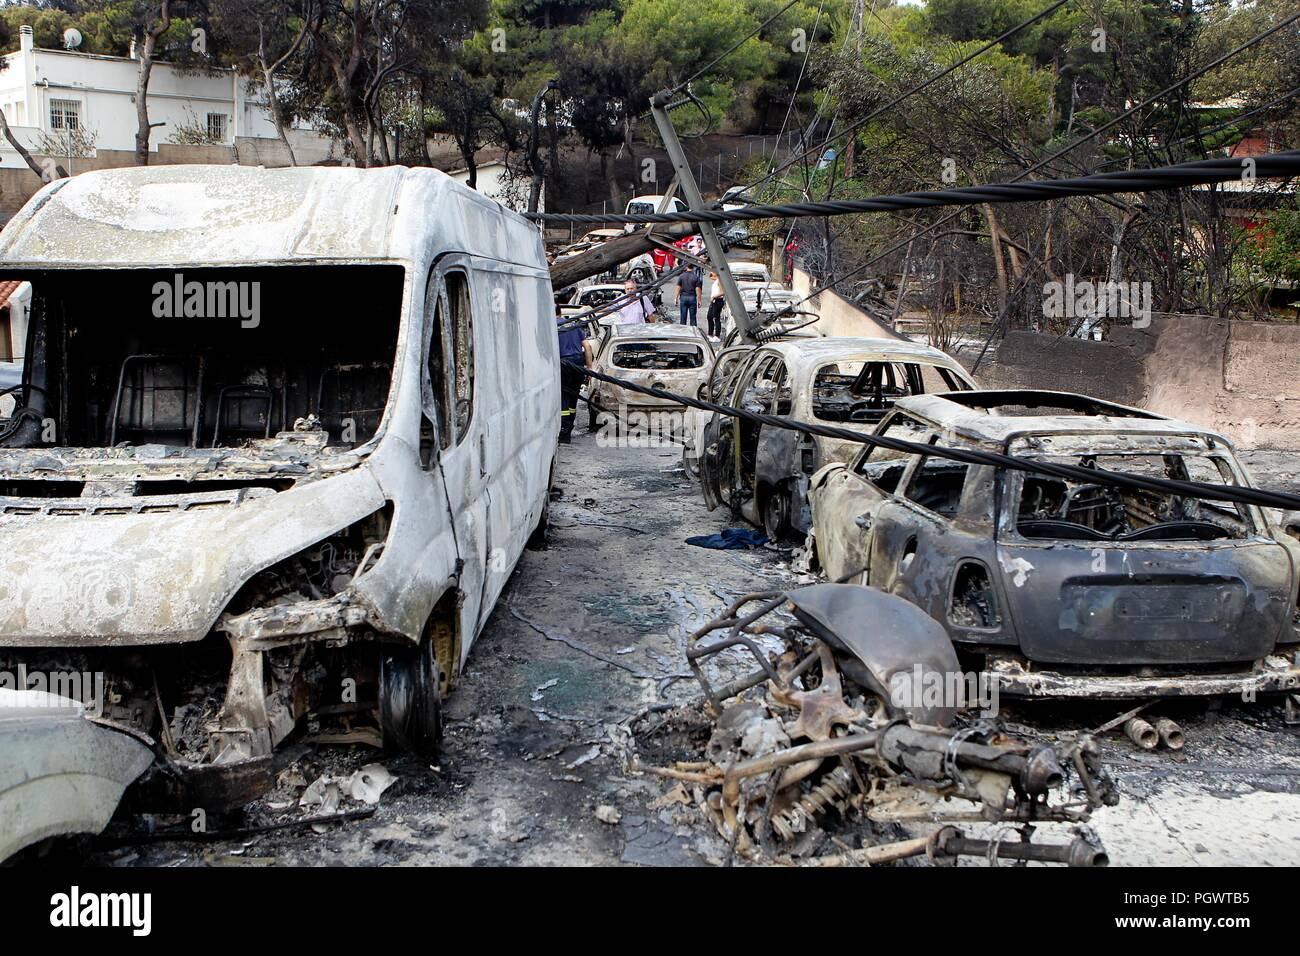 La gente se levanta en medio de los restos calcinados de coches quemados en Mati al este de Atenas, Twin incendios azotan a través de populares zonas costera griega cerca de la ca Foto de stock